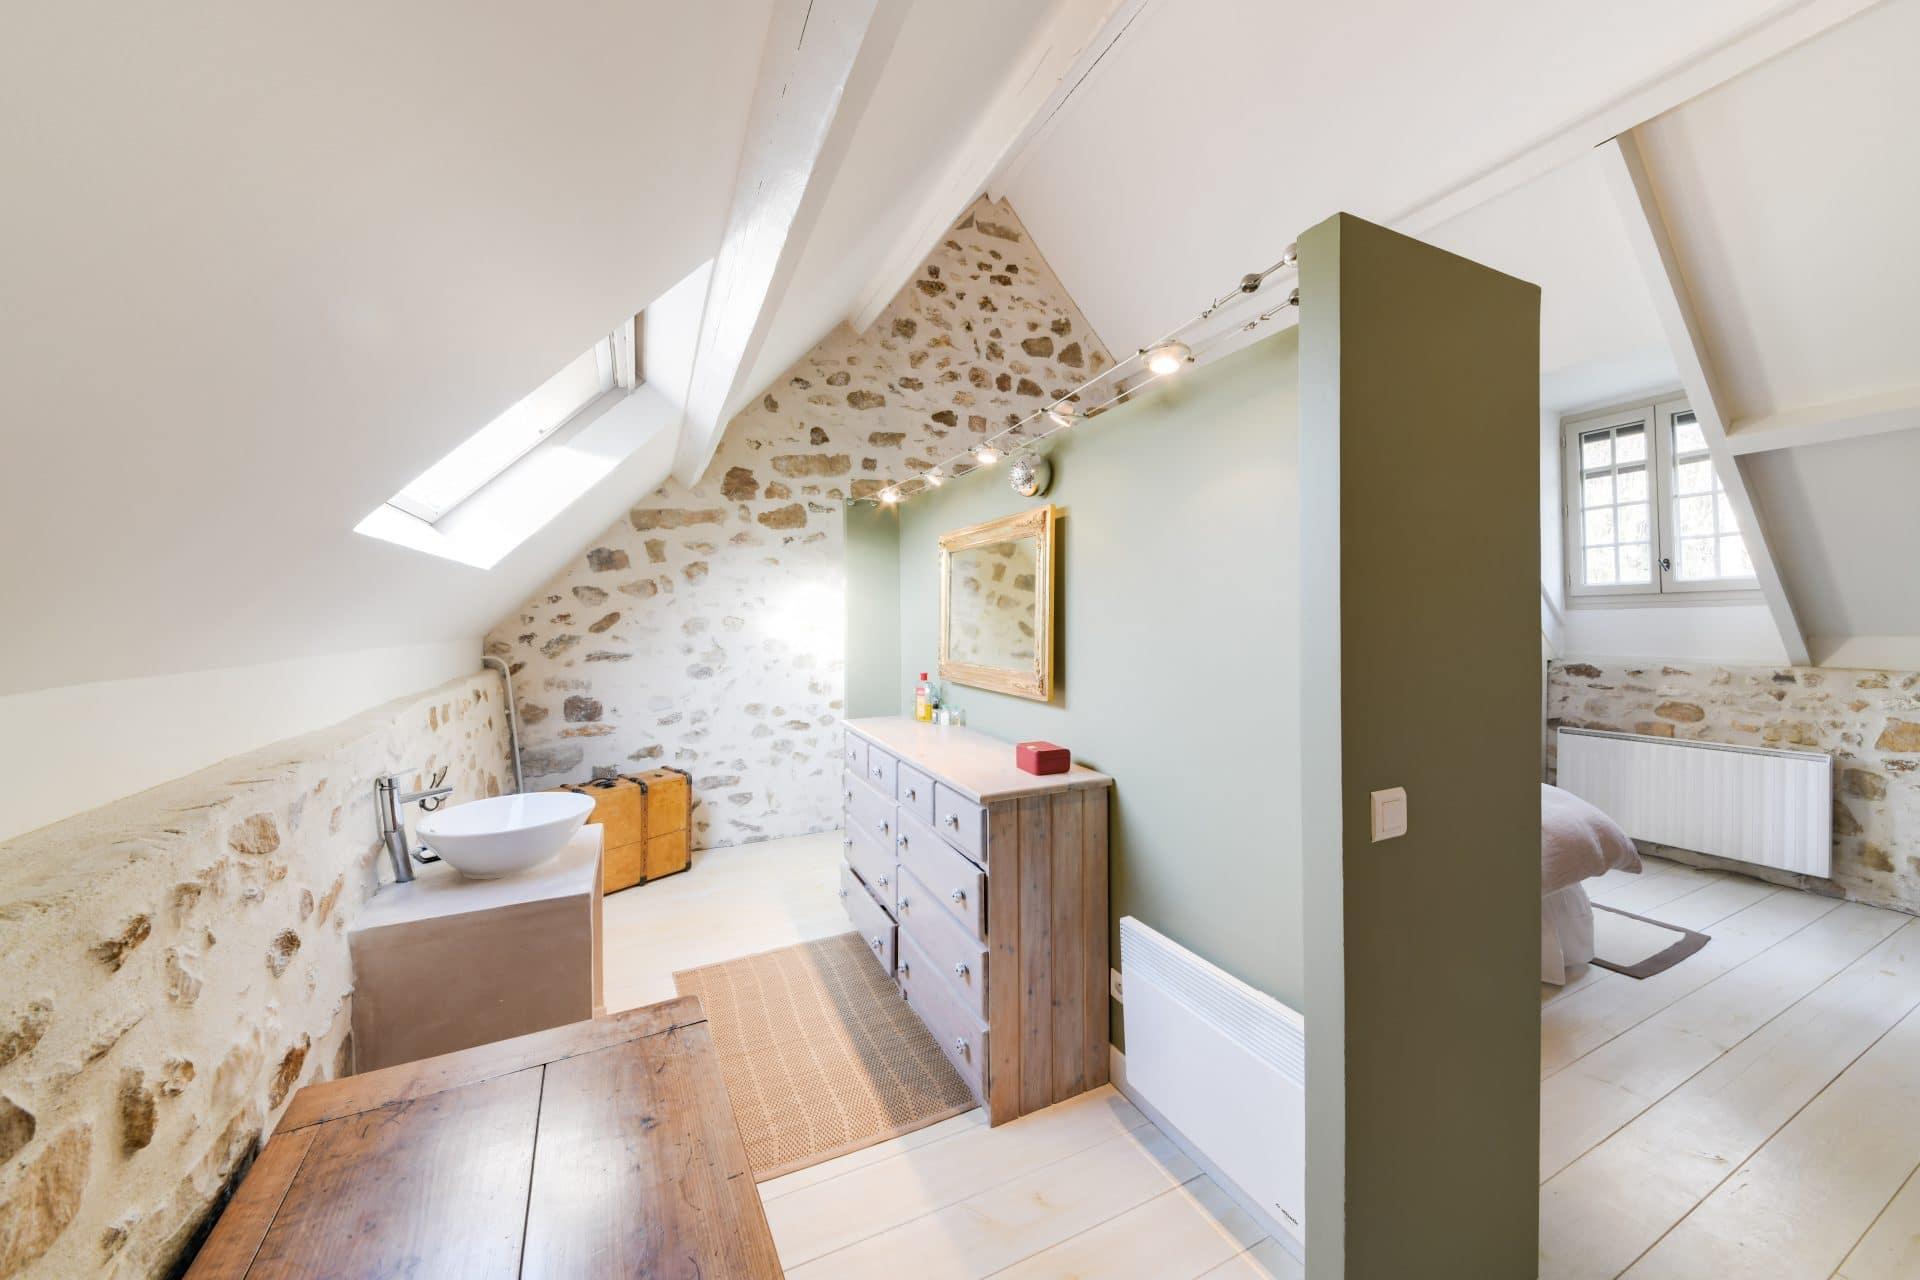 Rénovation Salle de Bain : Guide, Prix au m15 et Devis - illiCO Travaux